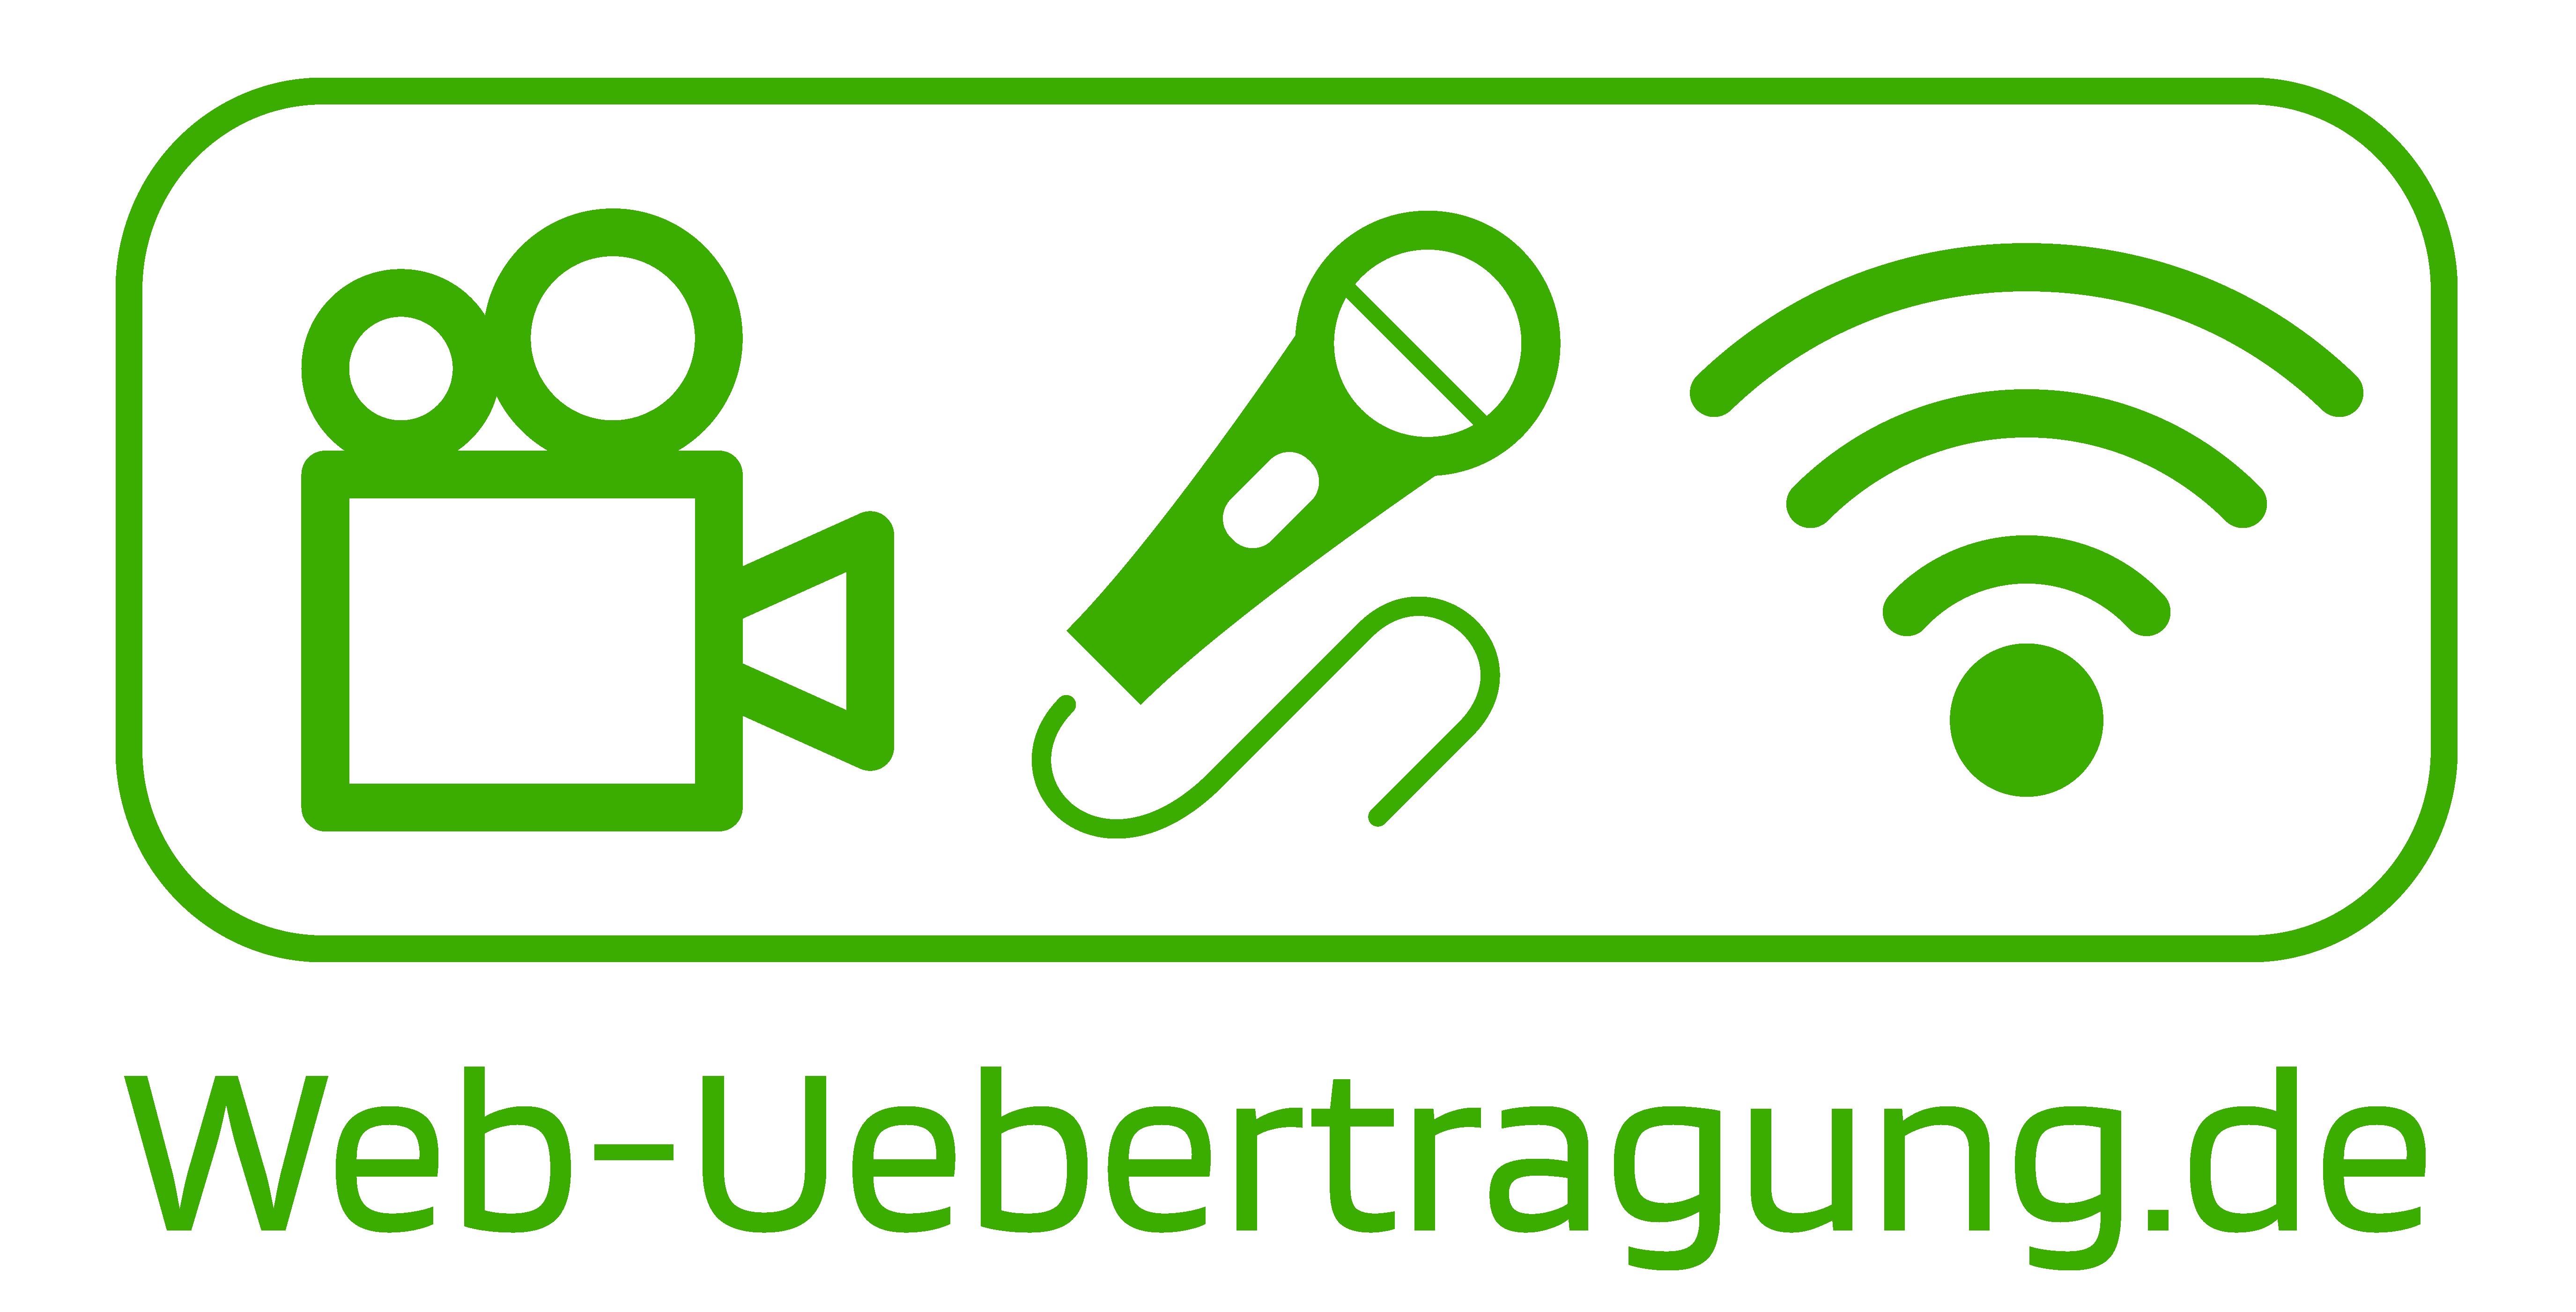 Web-Uebertragung.de